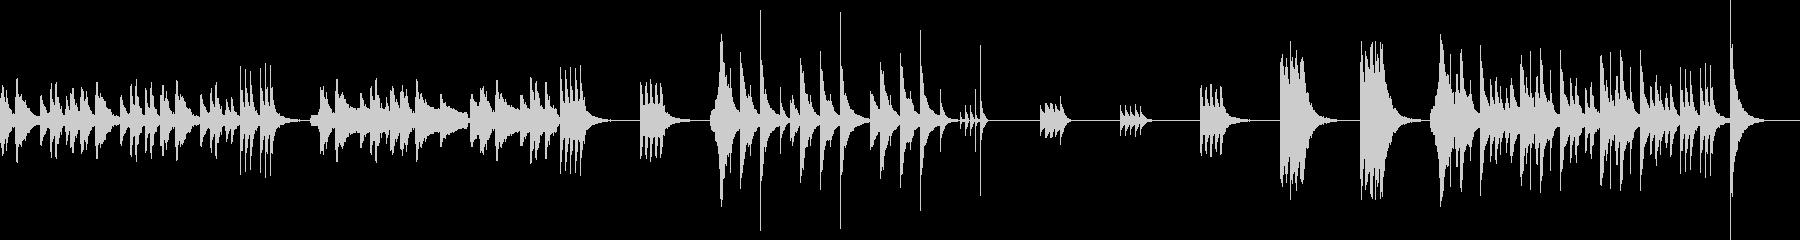 アニメ系の日常シーン向けBGMです。の未再生の波形